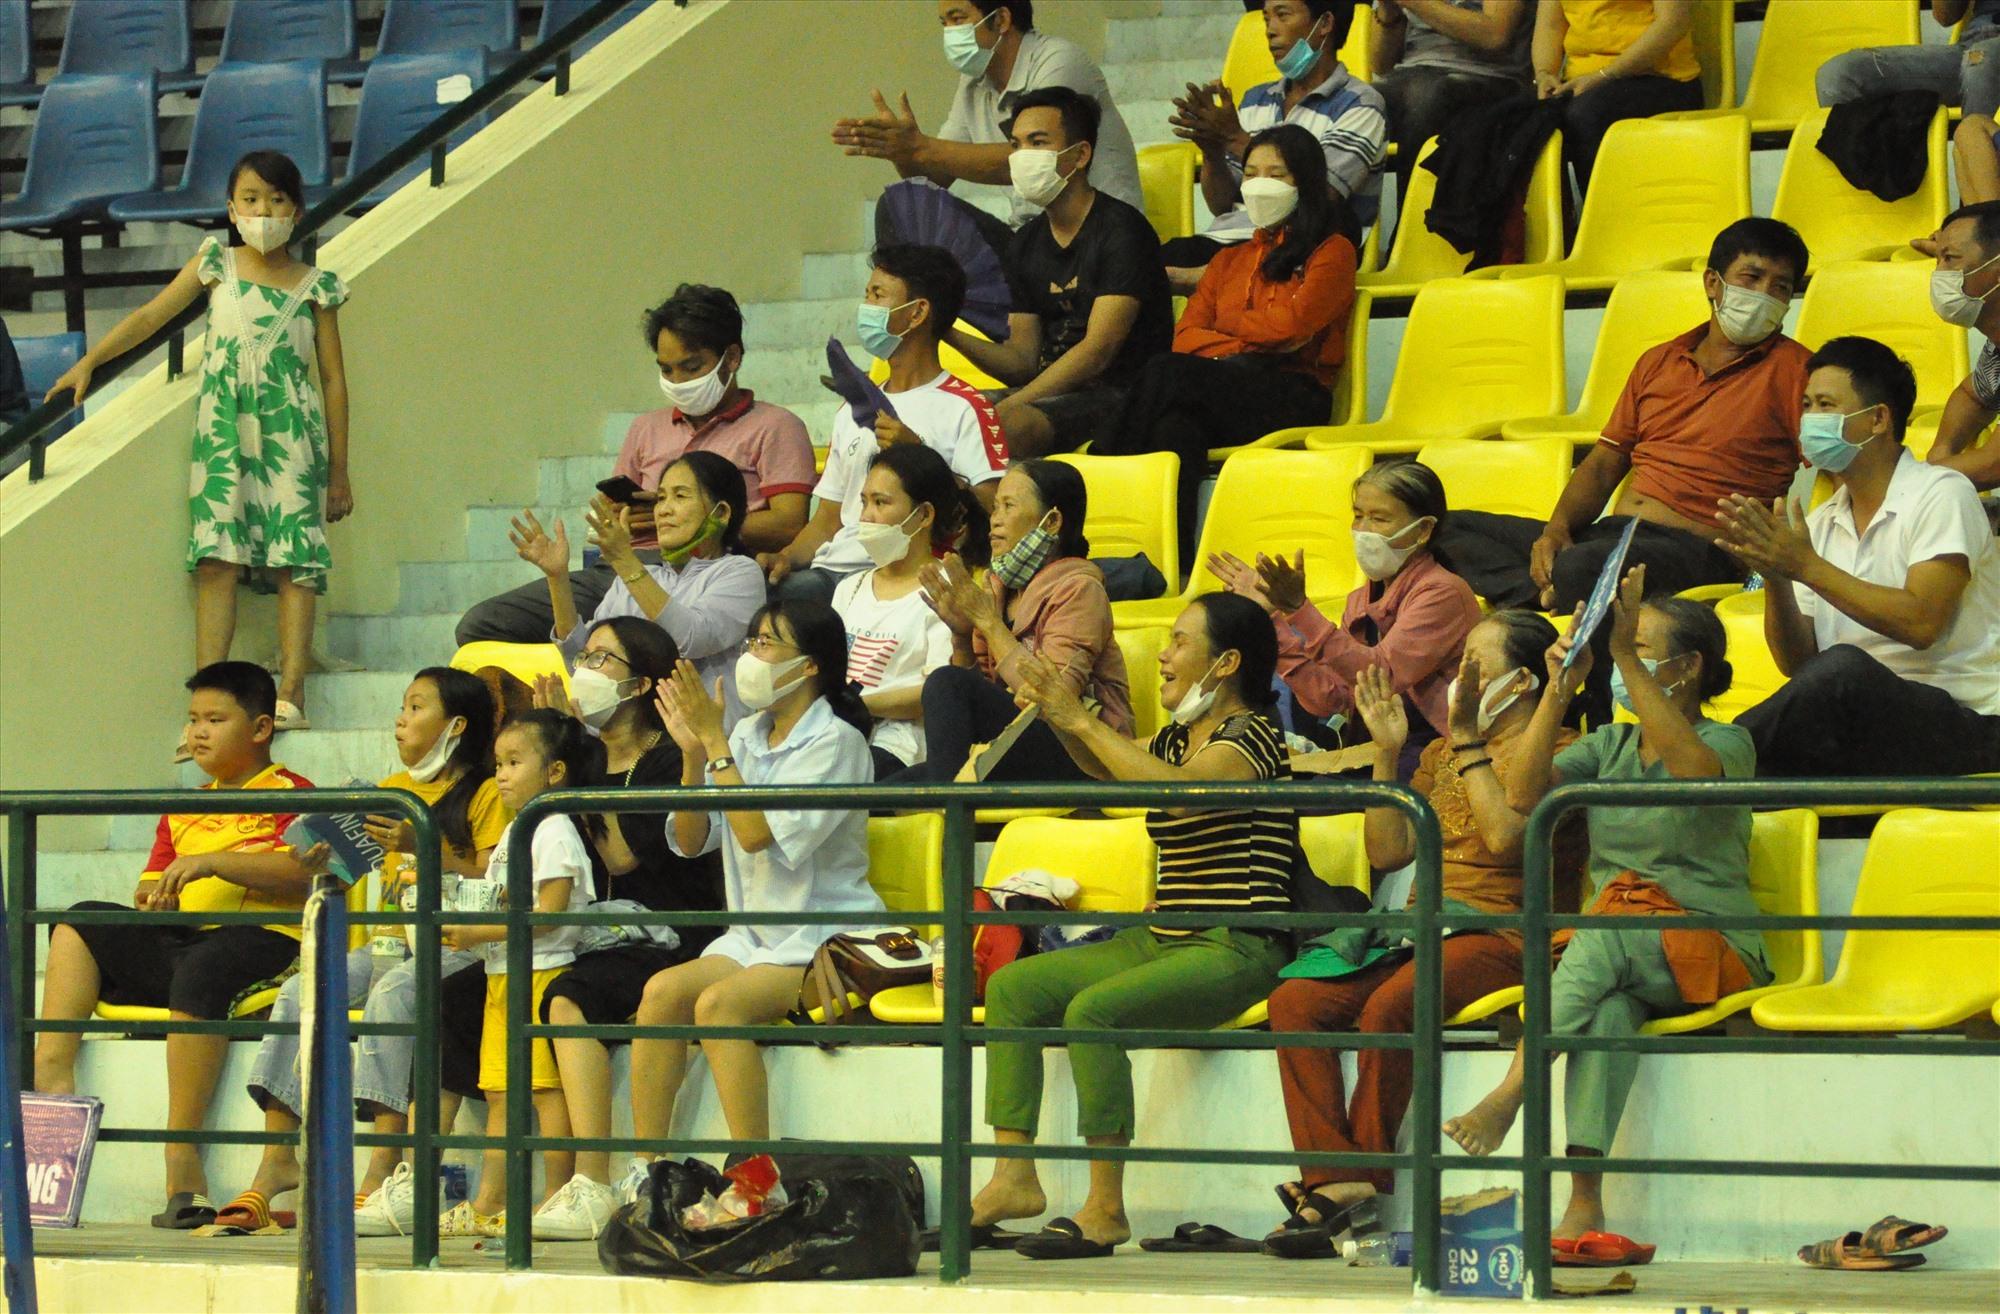 Khán giả Tam Thăng cổ vũ nhiệt tình nhưng vẫn không thể giúp cho các vận động viên trẻ xã nhà giành chiến thắng. Ảnh: T.V